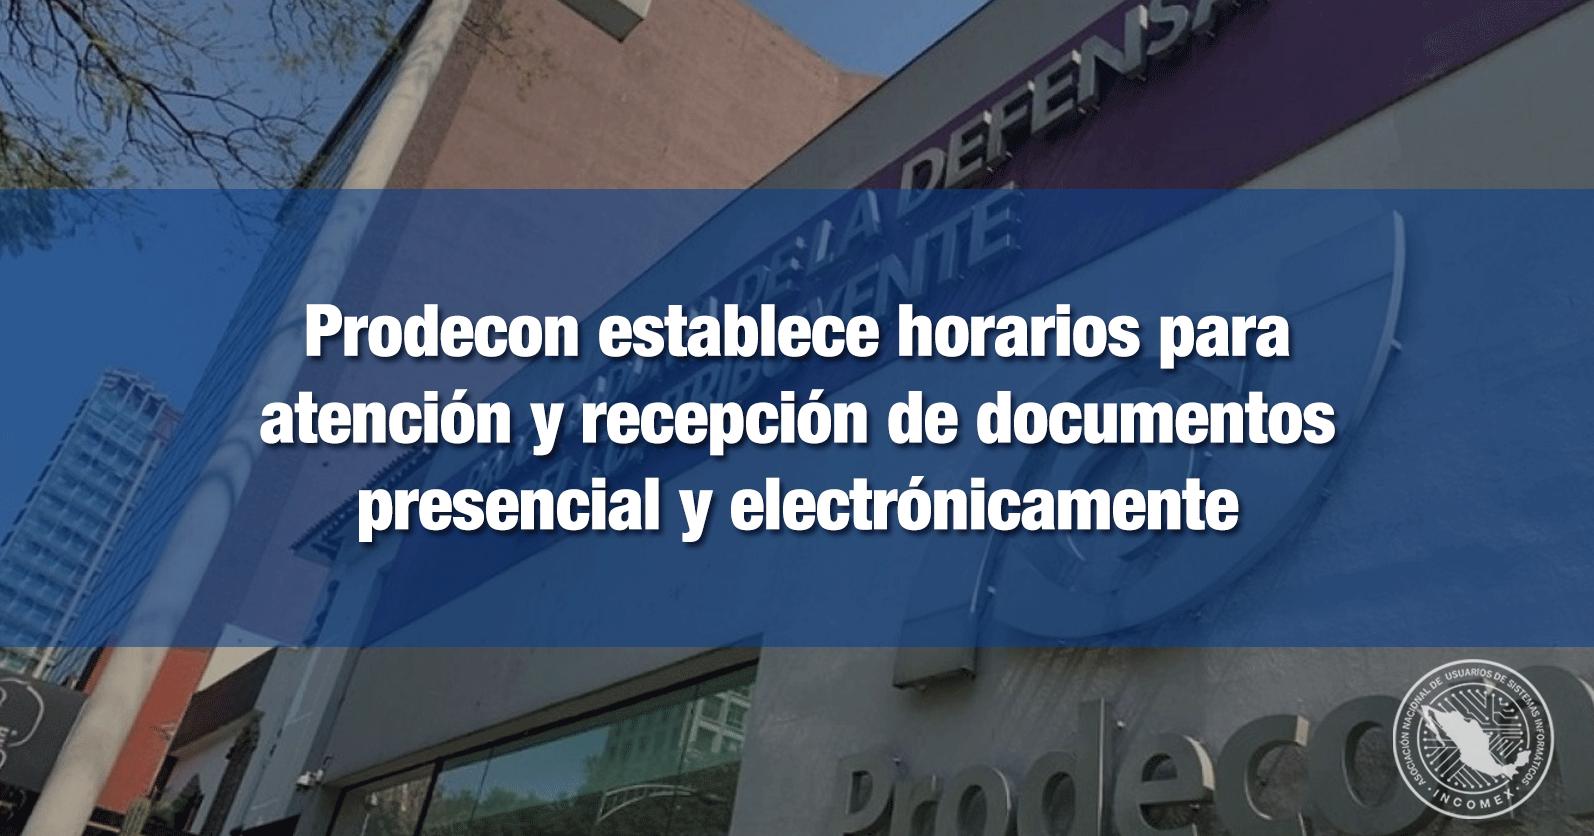 Prodecon establece horarios para atención y recepción de documentos presencial y electrónicamente